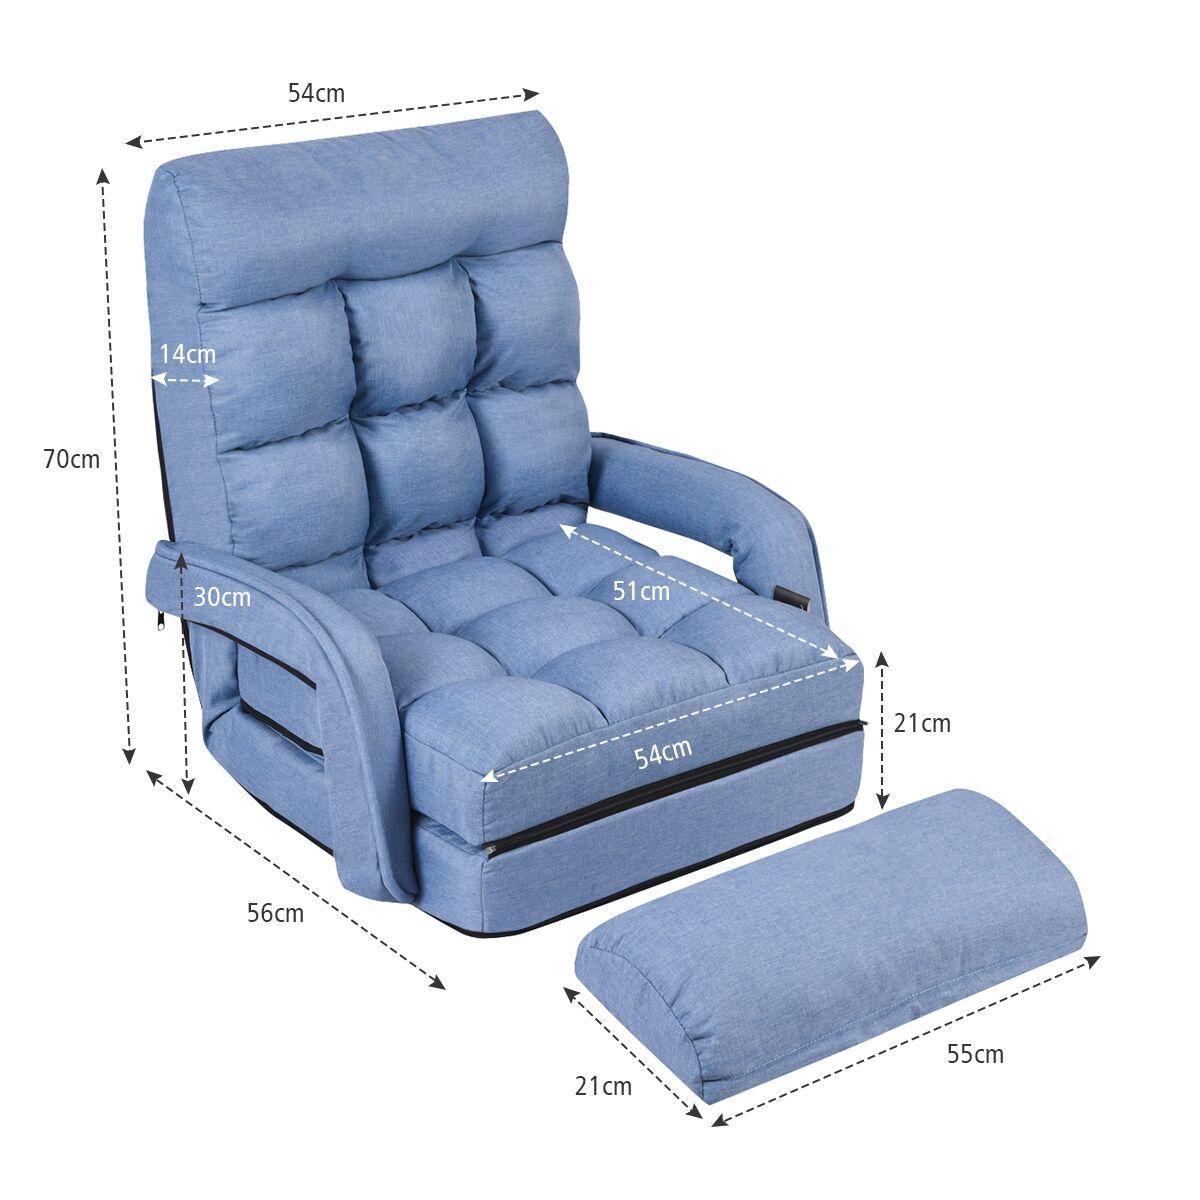 Costway Fauteuil Convertible Chauffeuse Convertible 1 Place en Tissu avec Oreiller 5 Positions Bleu